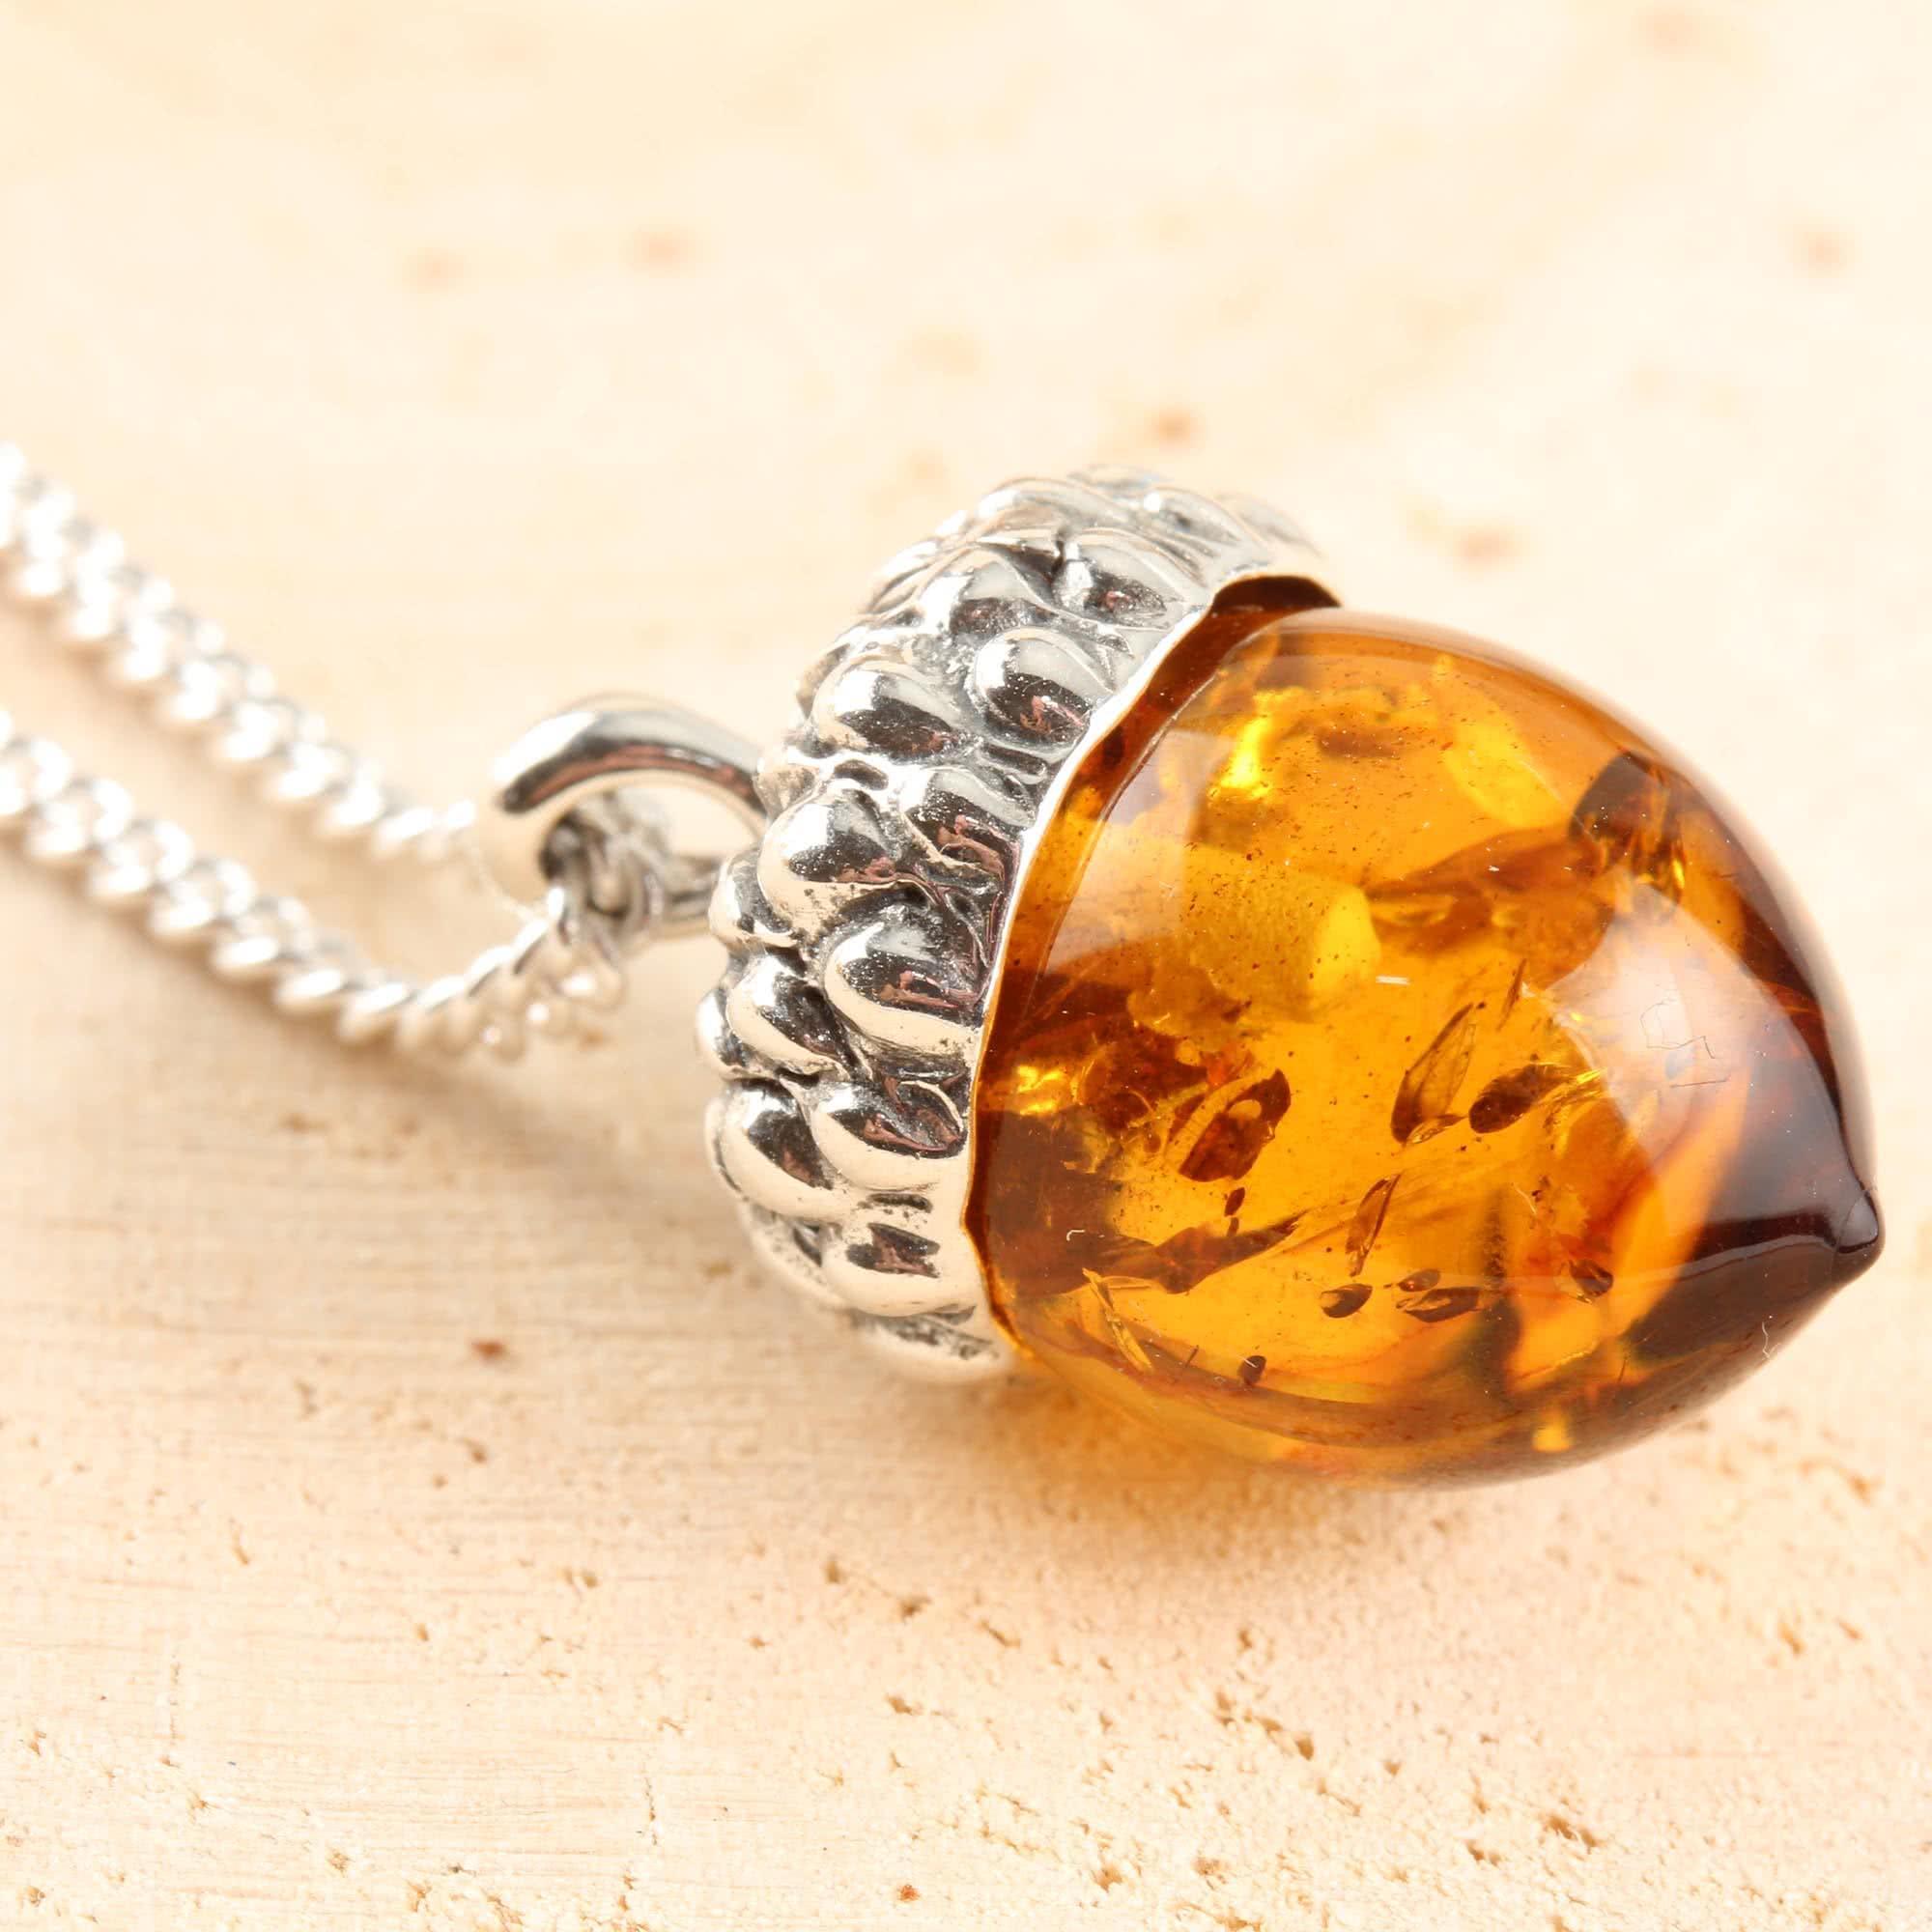 Đá Hổ Phách Amber là gì? Bạn biết gì về đá Hổ Phách Amber? 4